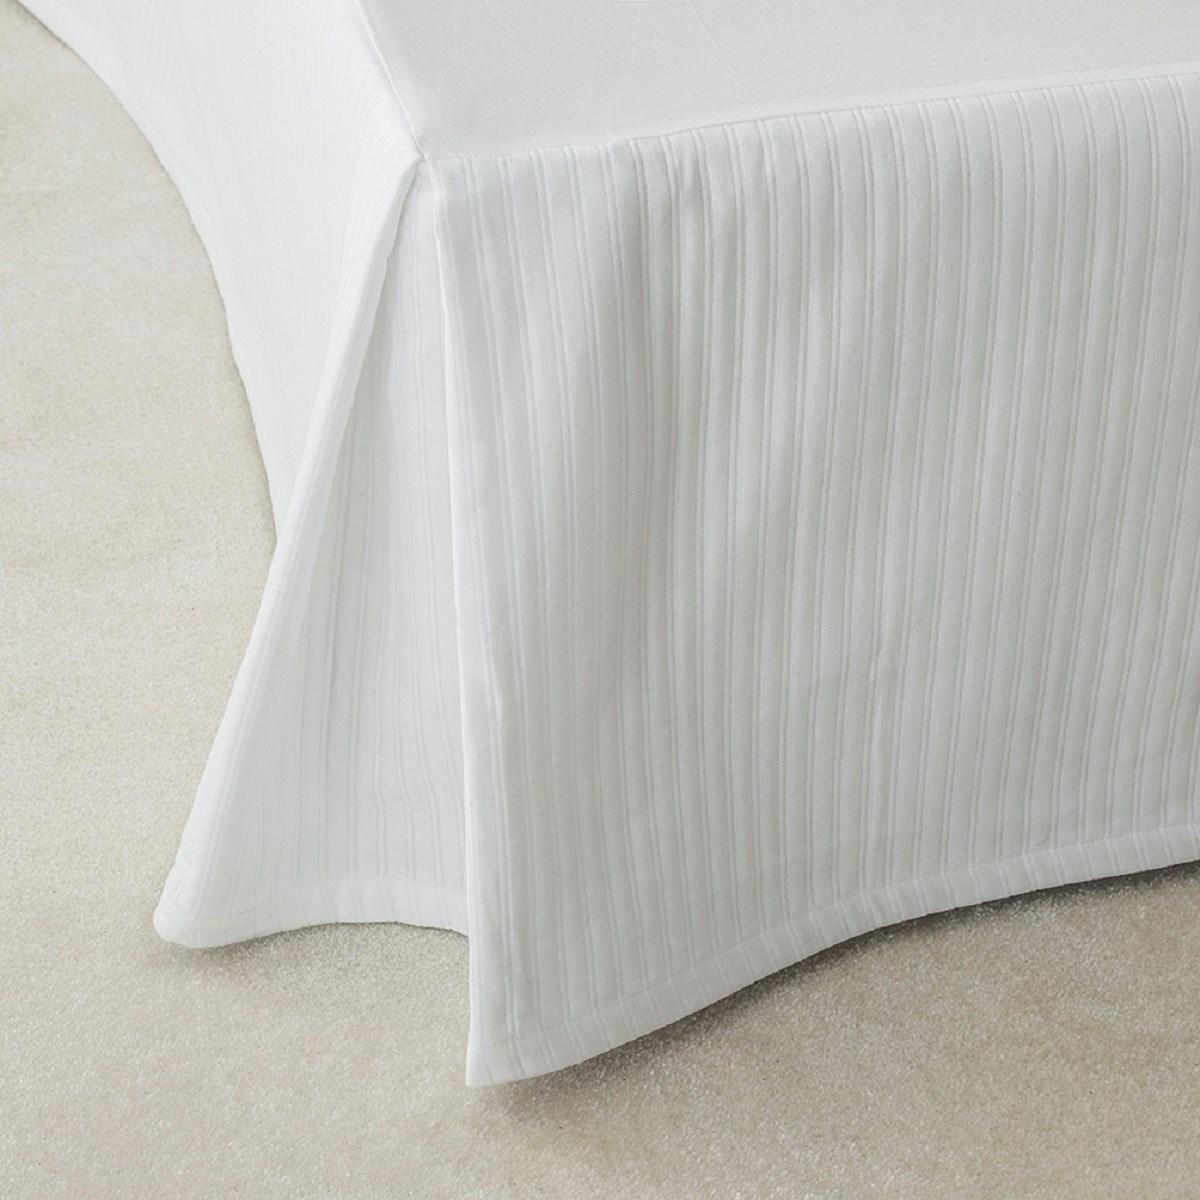 Cache sommier luxe en Coton Blanc 180x200 cm (photo)